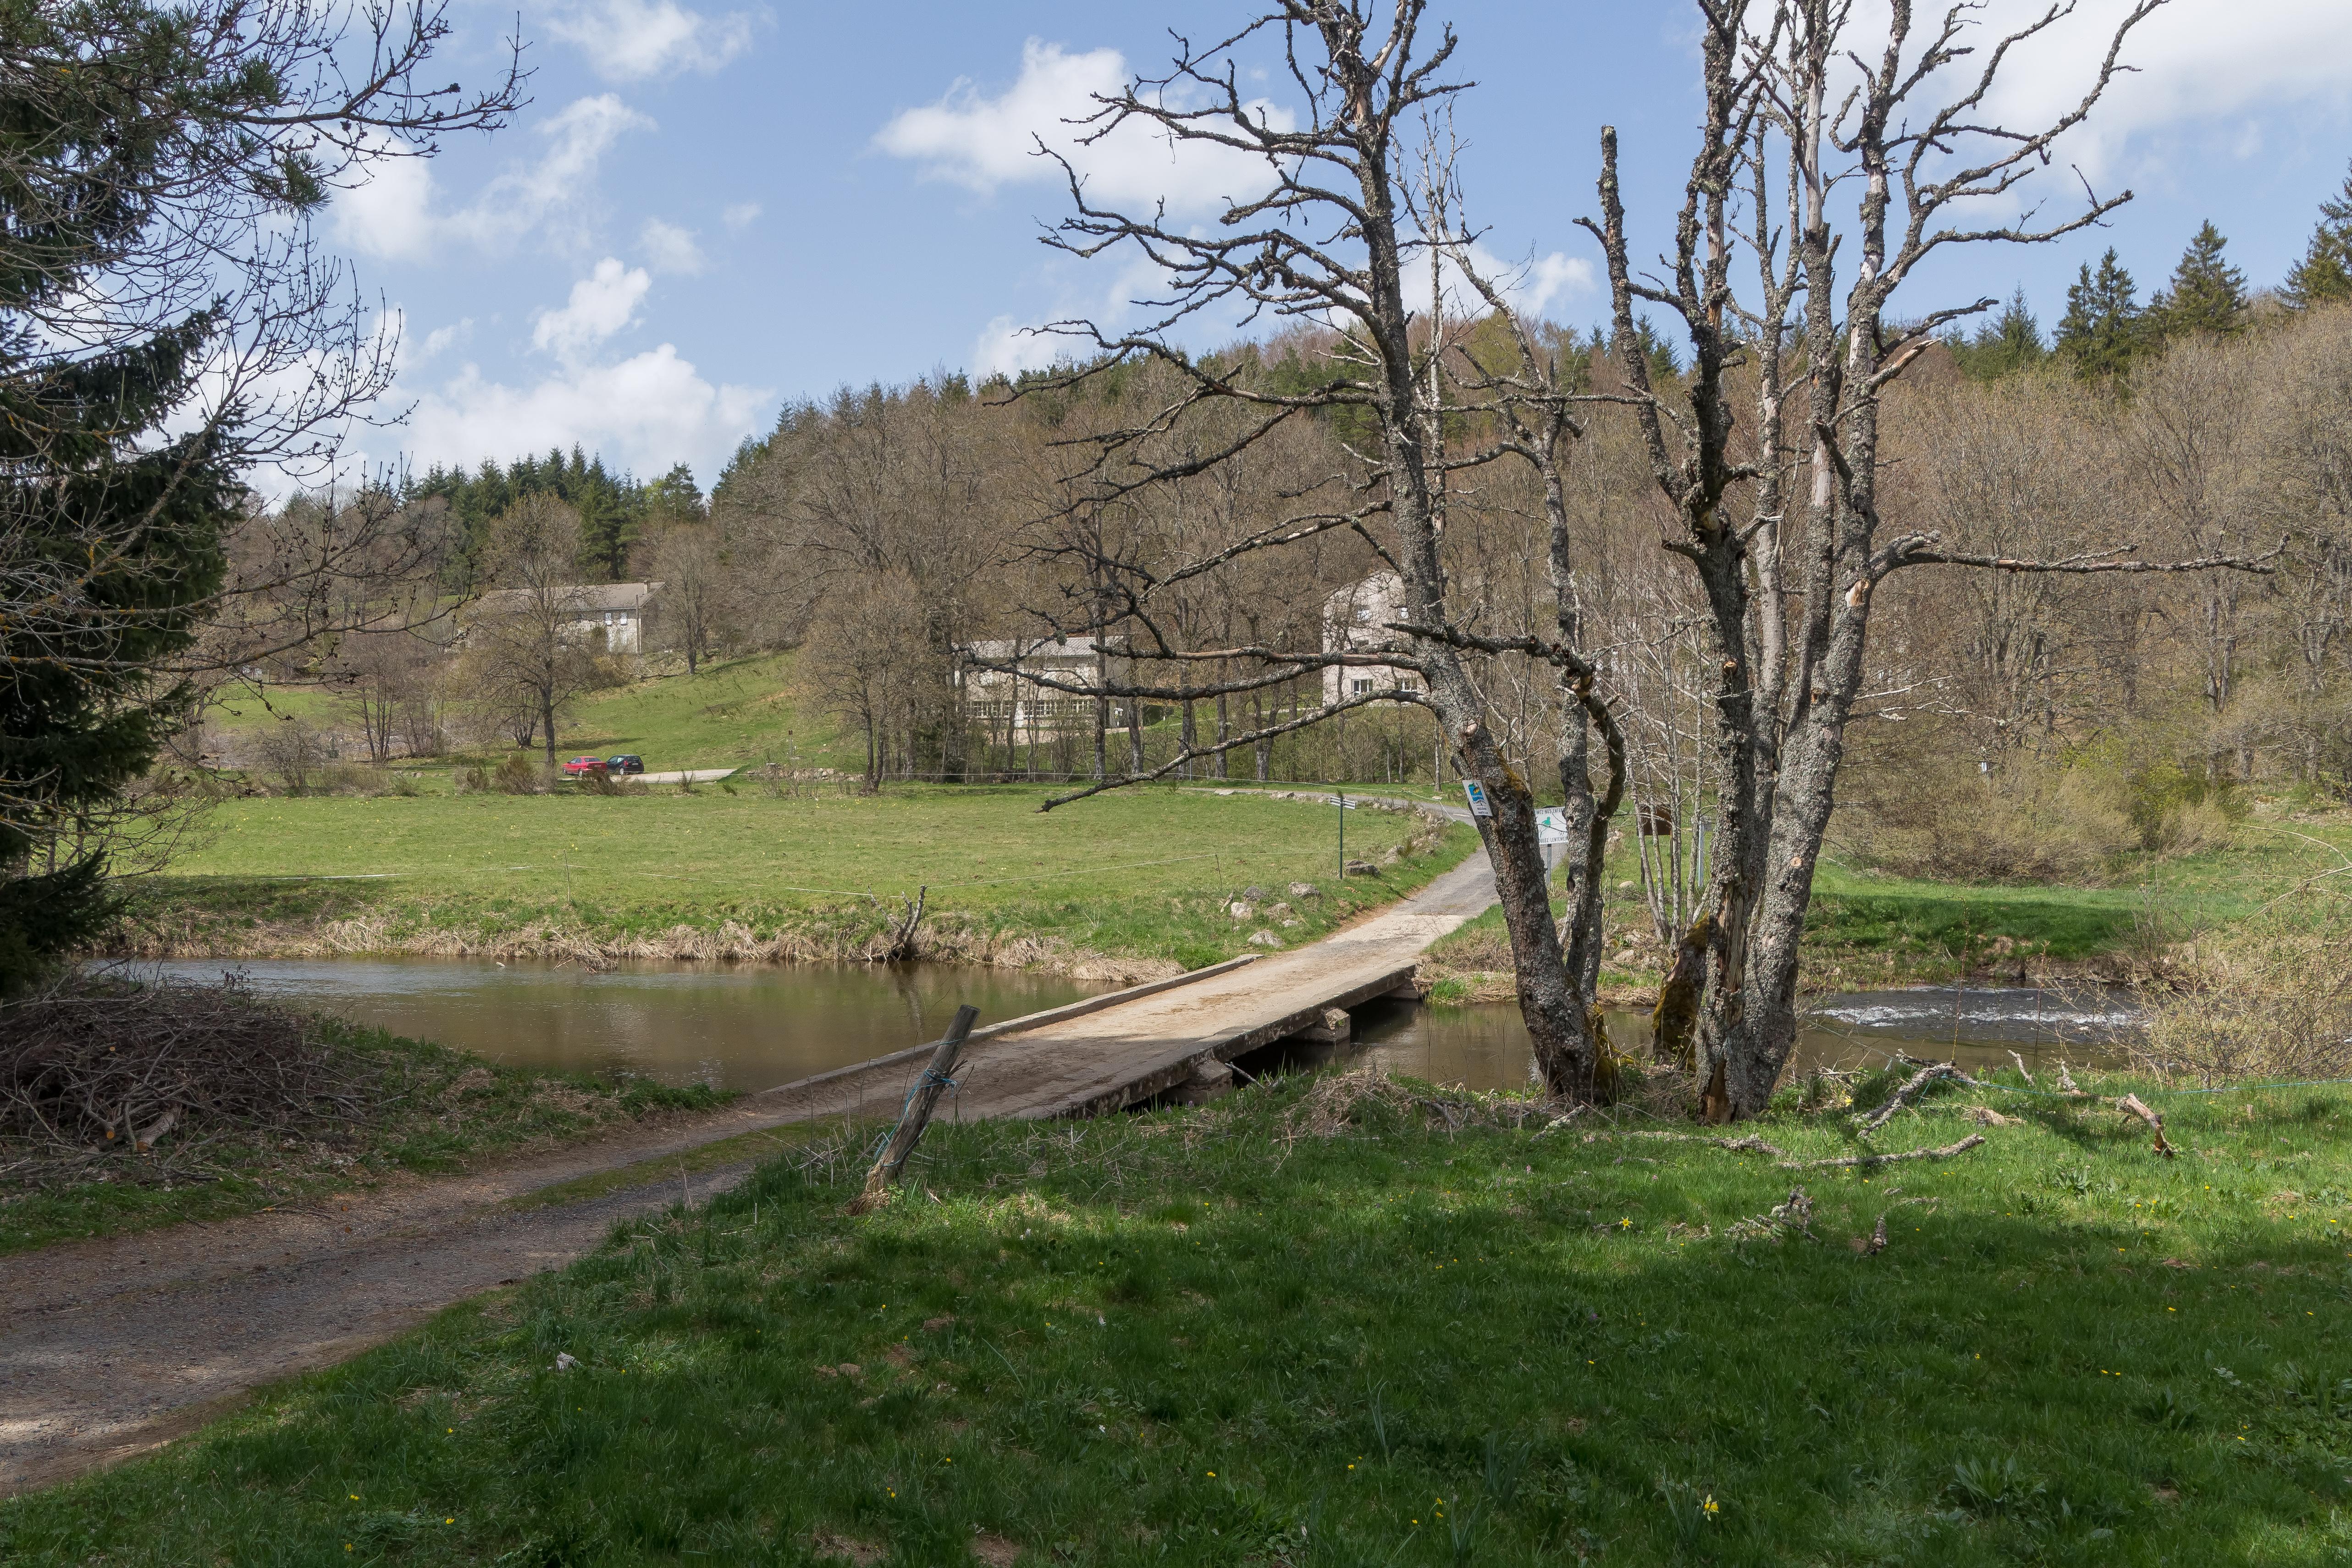 Un sat din Franța a primit 2 milioane € de la un evreu care a trăit acolo în Al Doilea Război Mondial